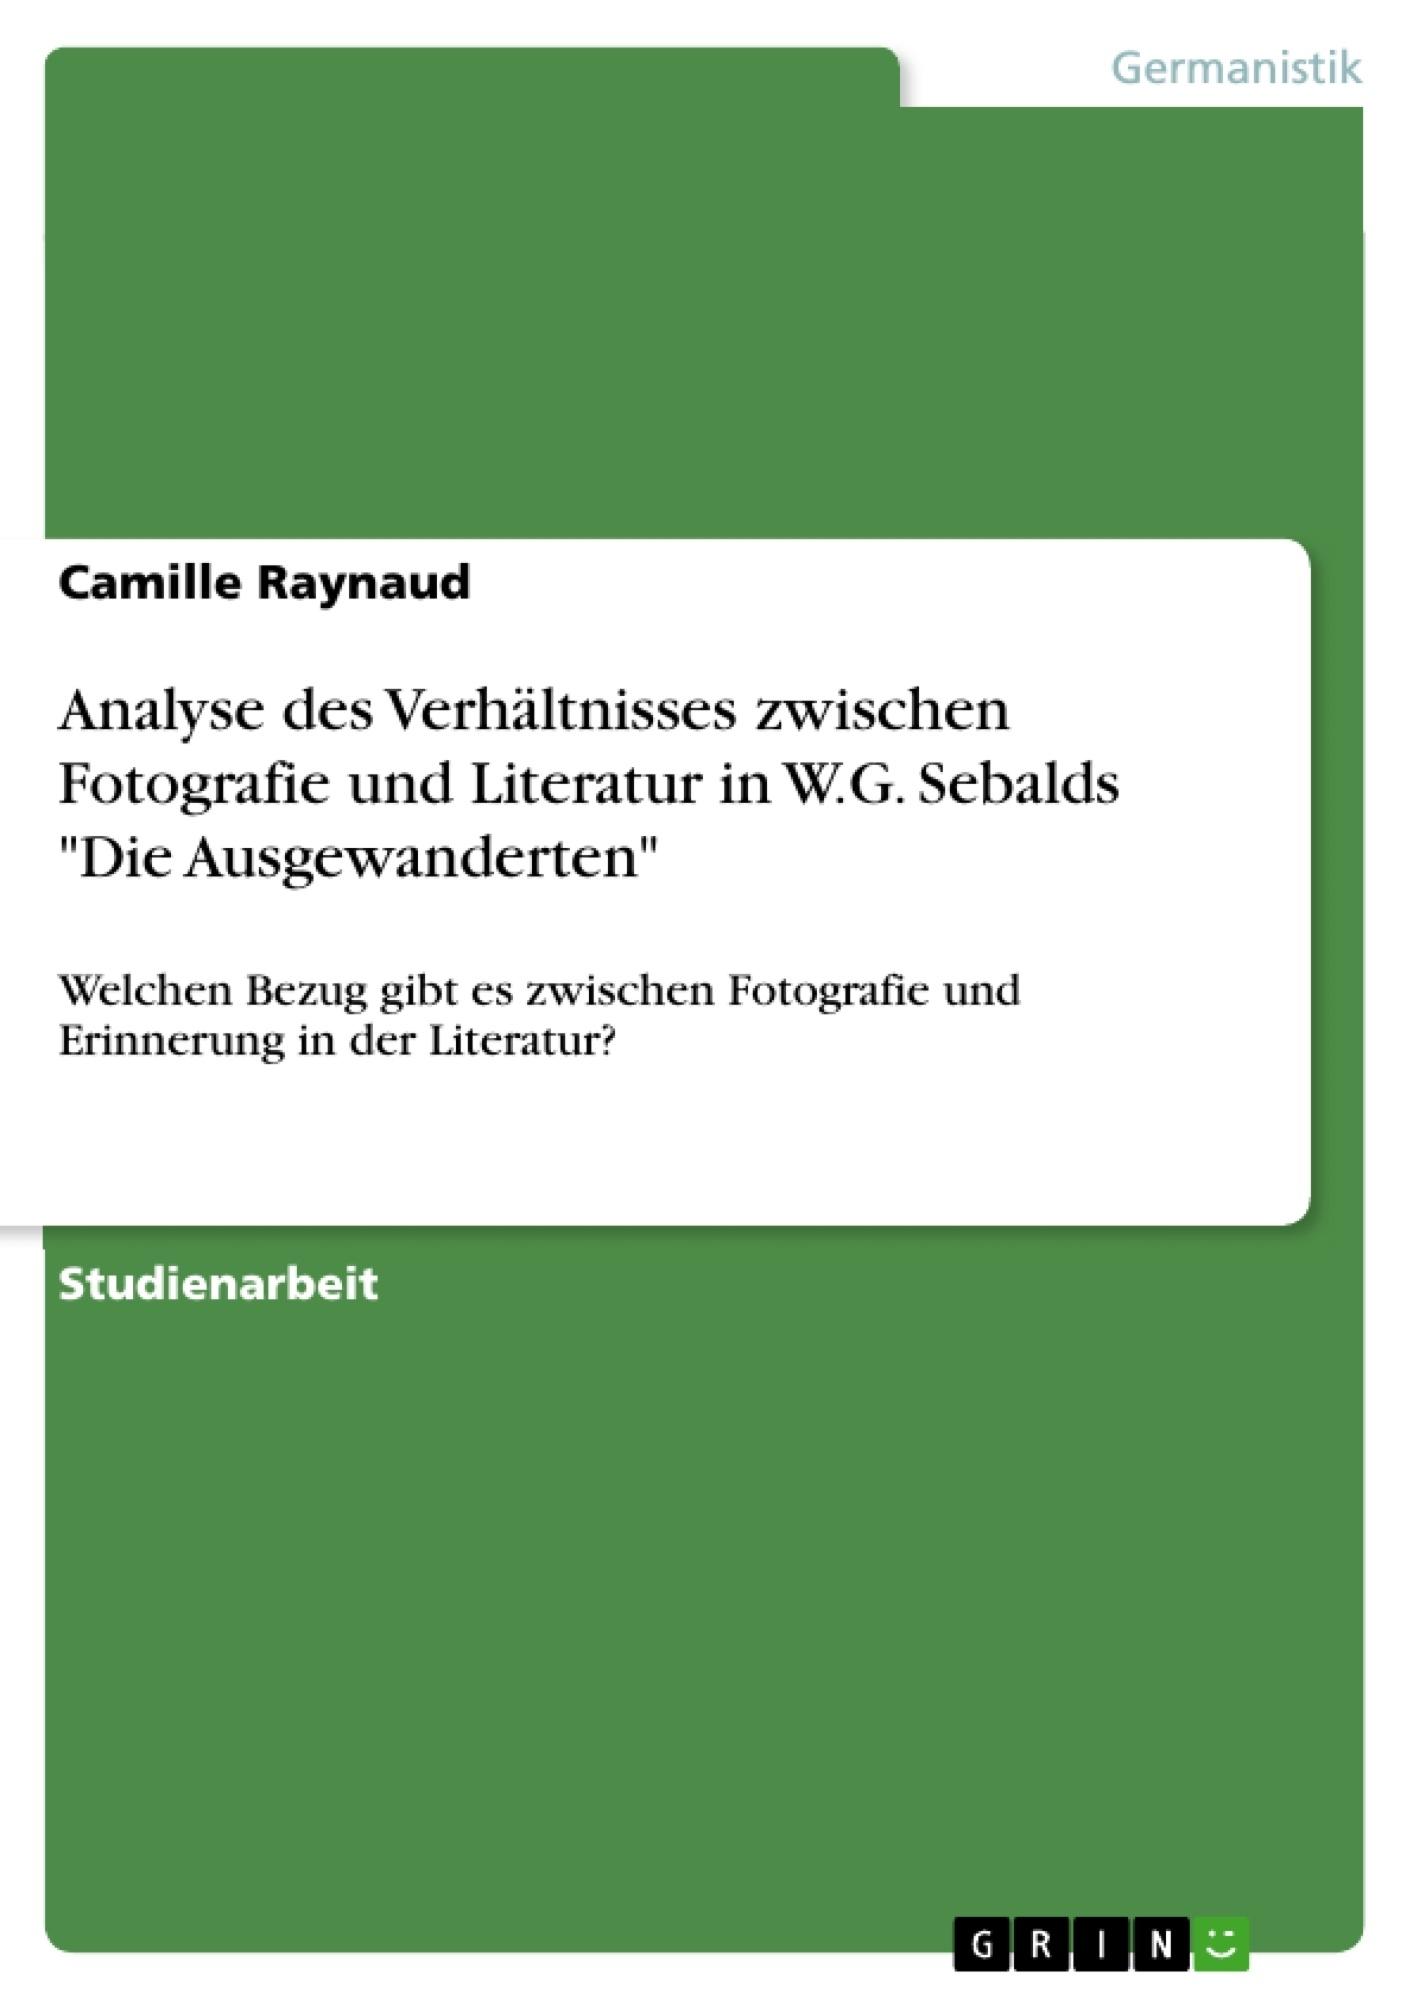 """Titel: Analyse des Verhältnisses zwischen Fotografie und Literatur in W.G. Sebalds """"Die Ausgewanderten"""""""